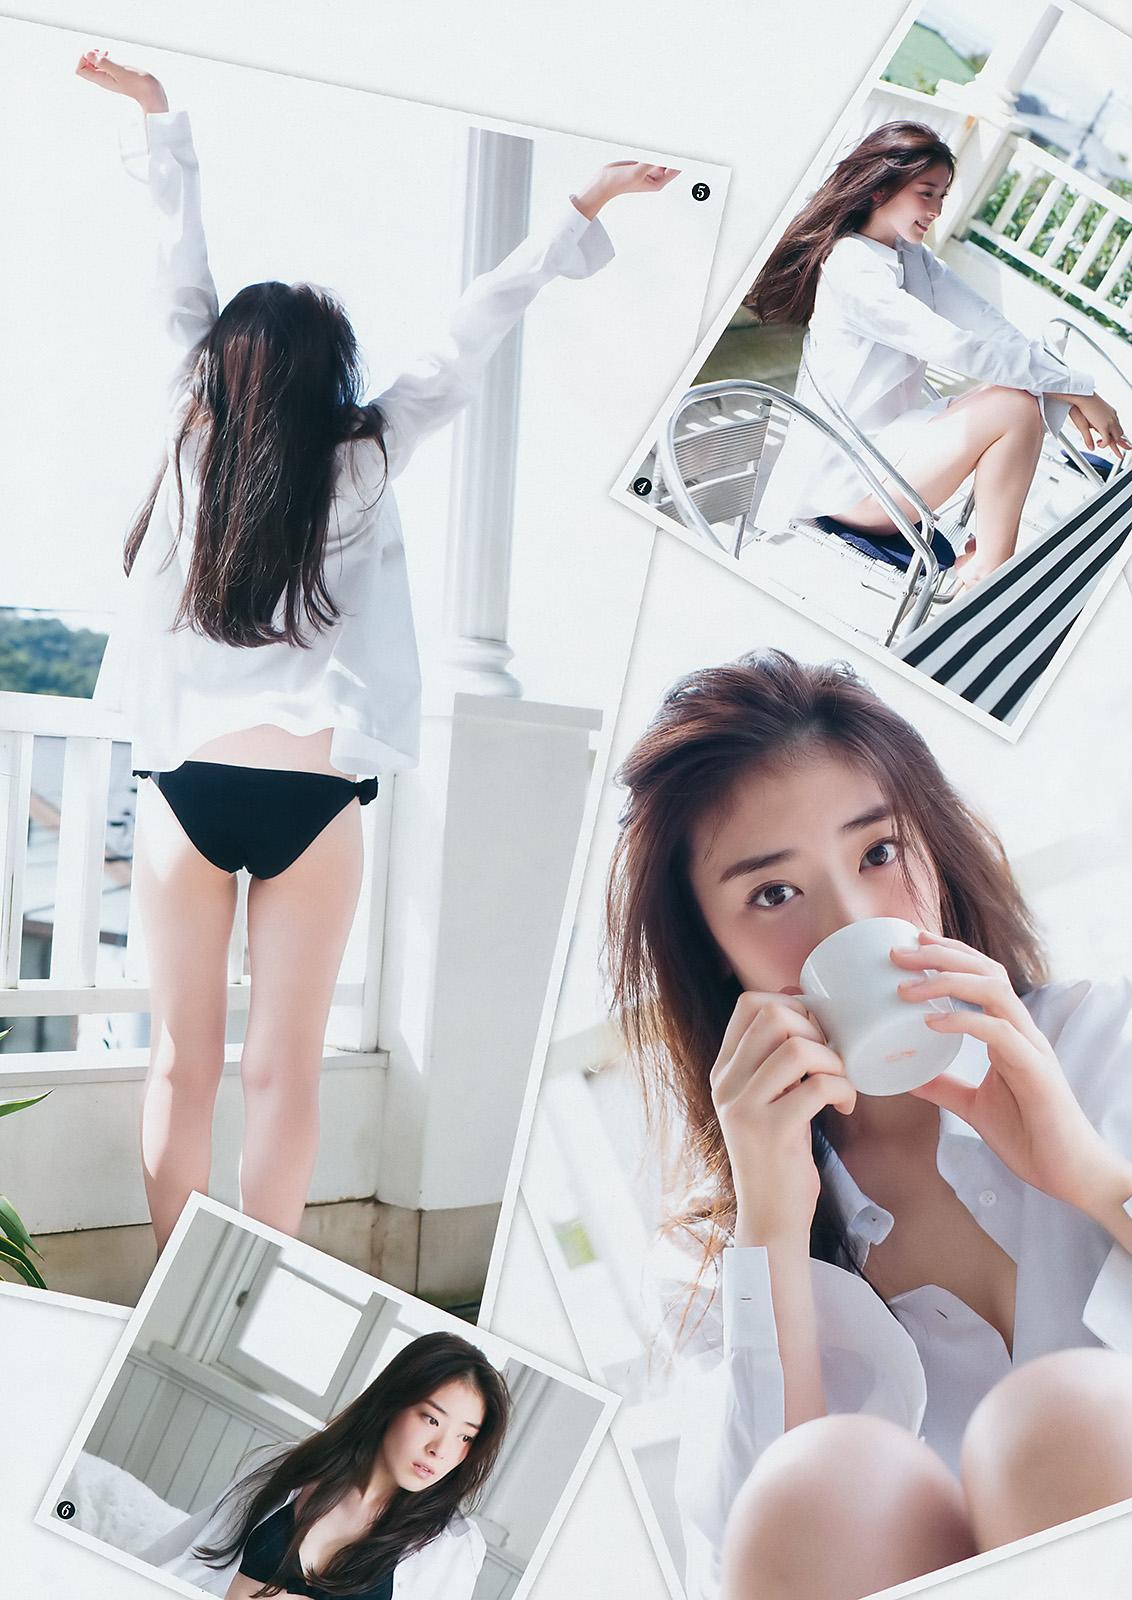 水上京香(22)朝ドラ女優の抜ける水着グラビアエロ画像46枚・33枚目の画像